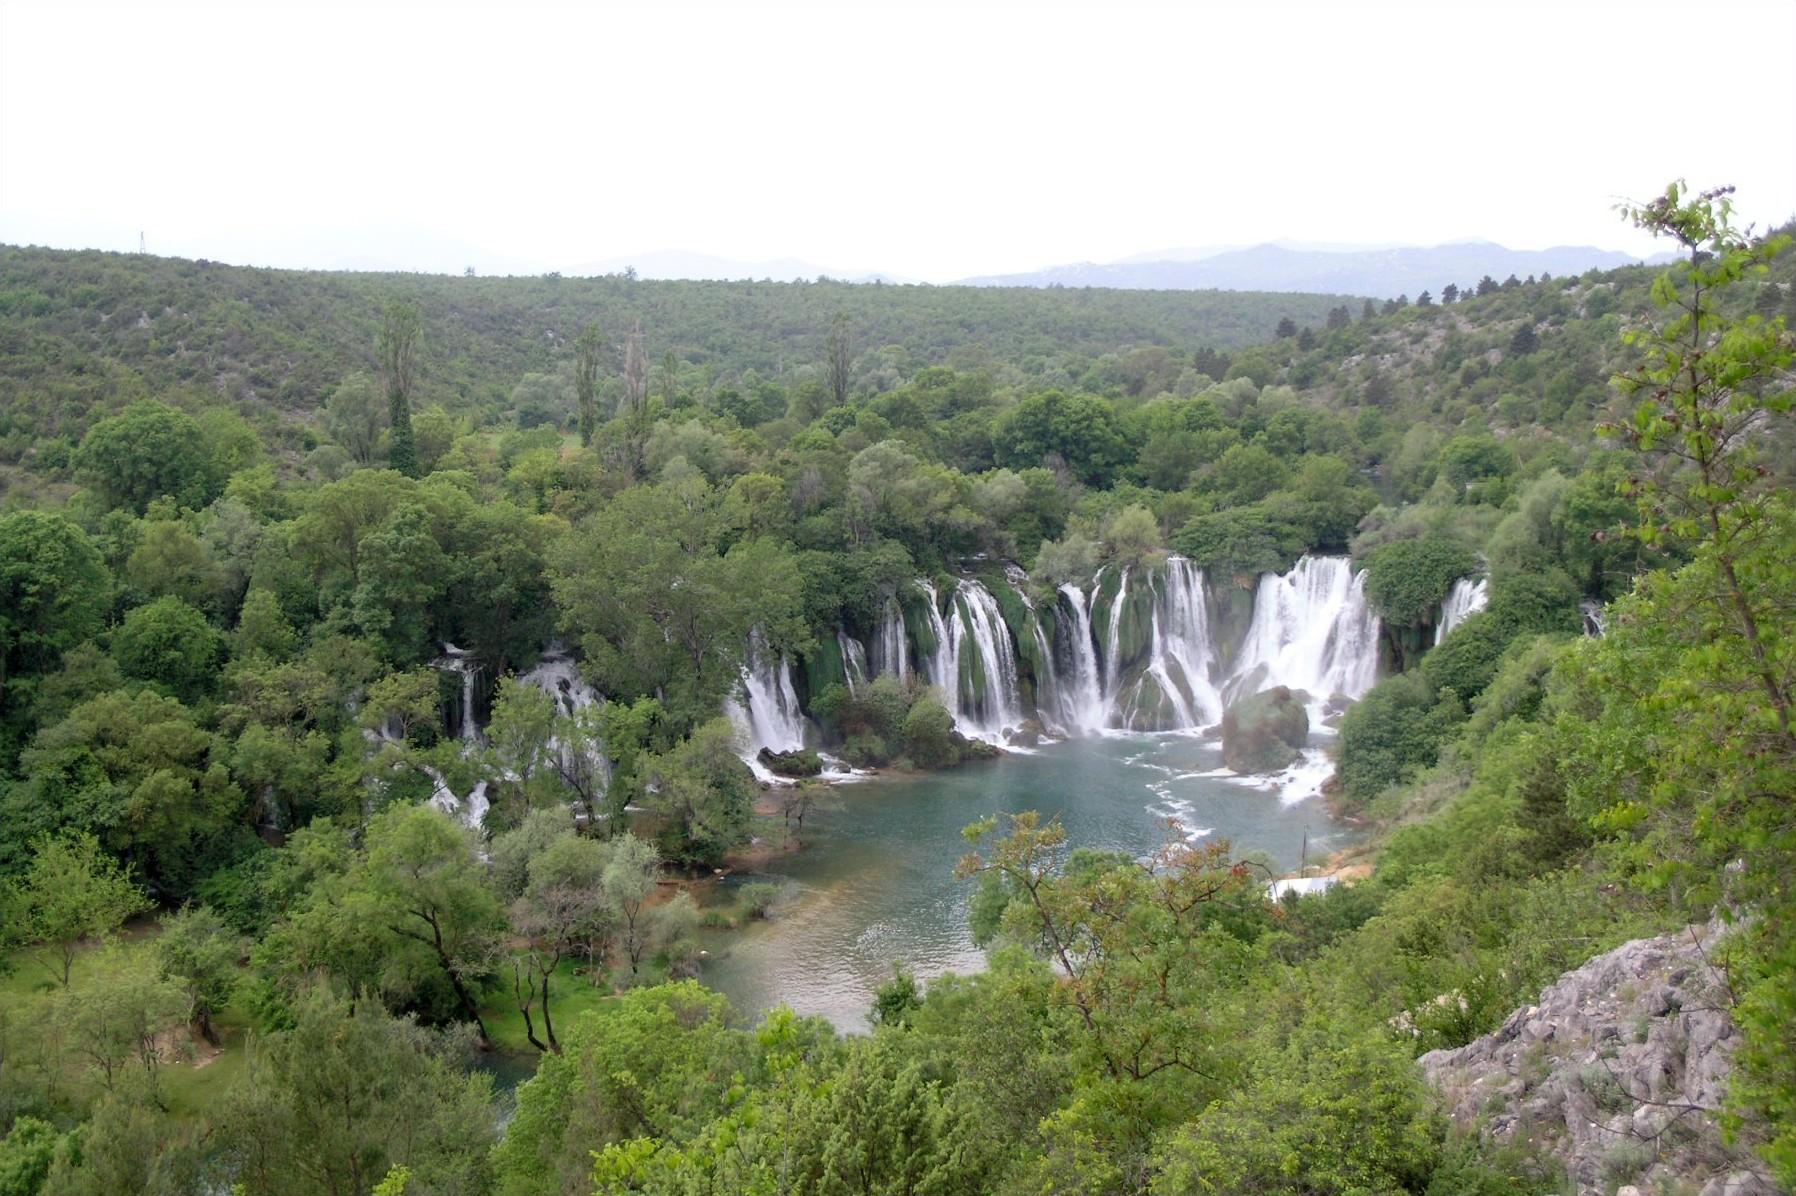 Mostar'dan 40 km uzaklıkta olan Kravitse şelalesi Balkanlar'ın en çekici doğa manzaralarından bir tanesidir. O yerde Trebijat nehrin.